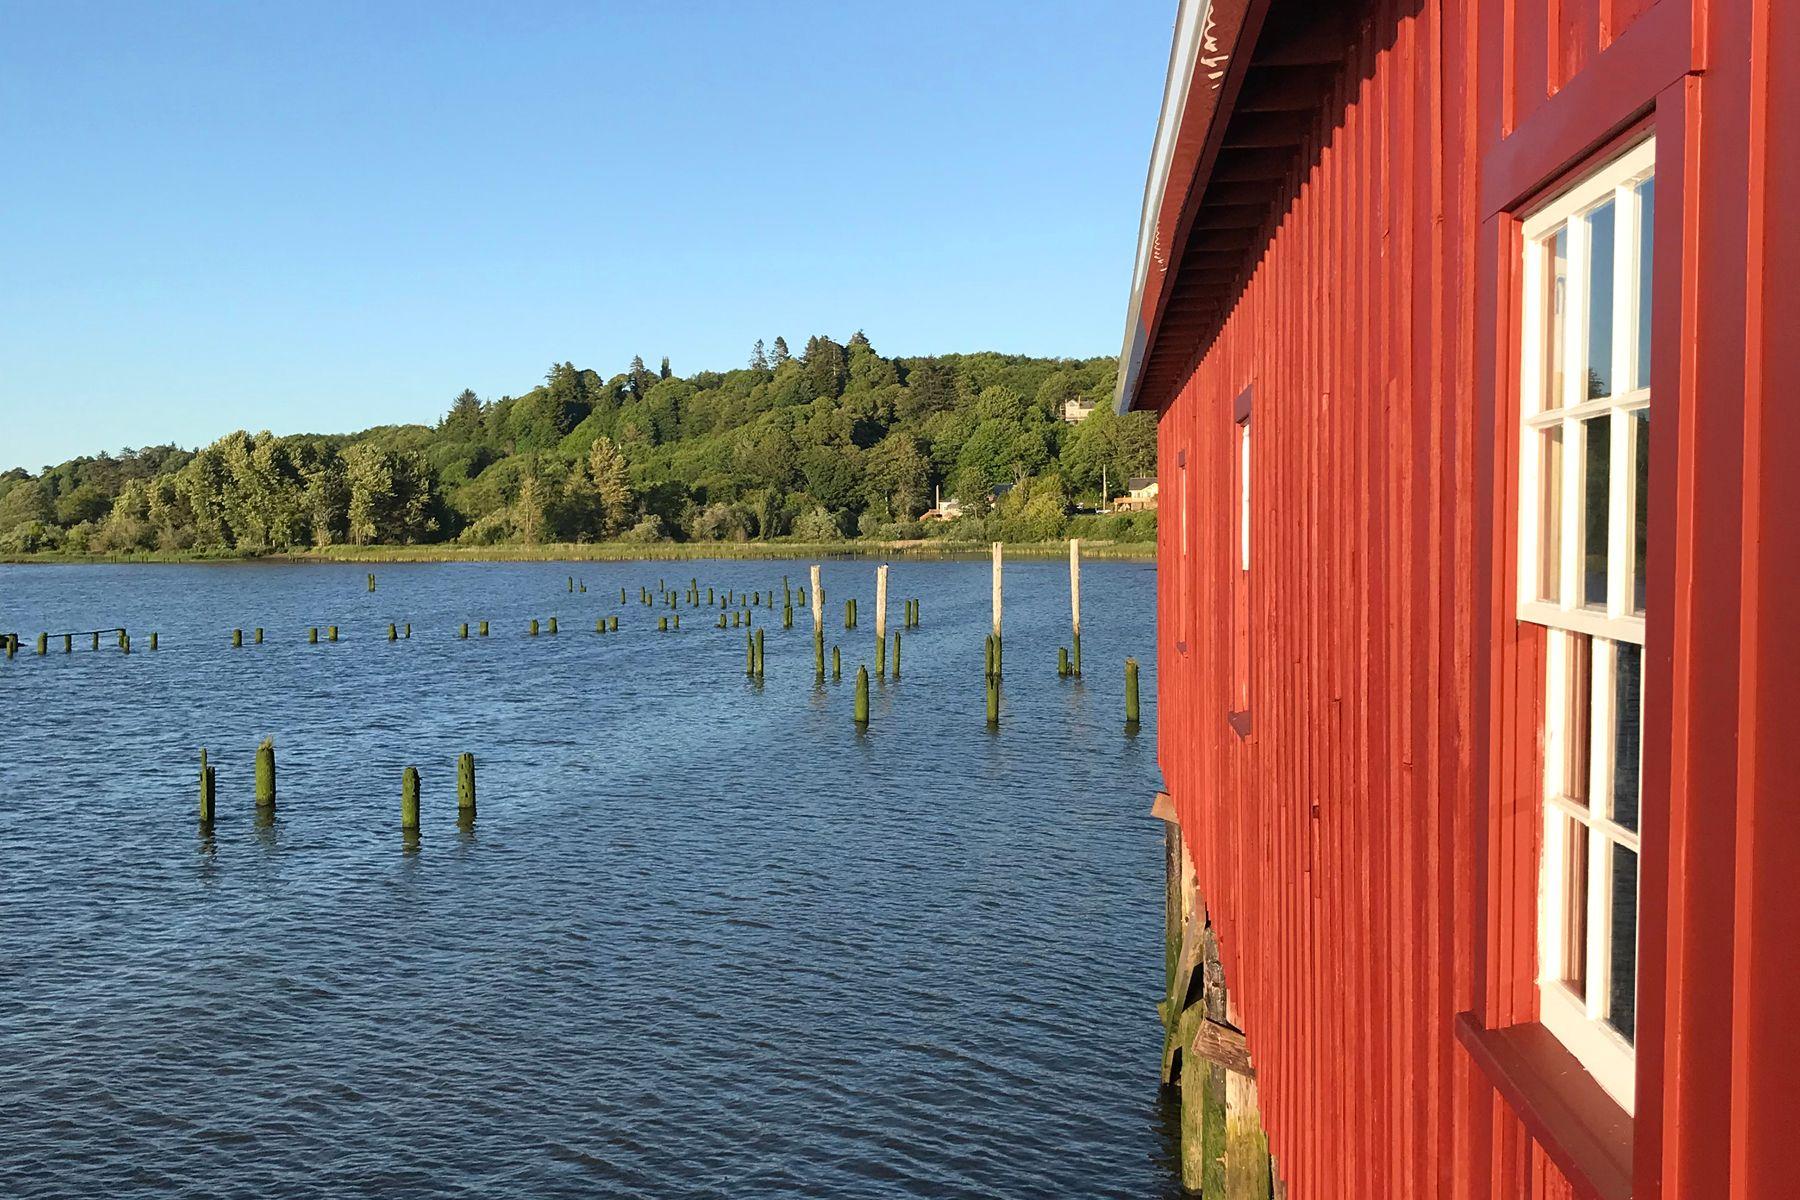 river, dock, preservation, modern, architecture, Astoria riverwalk